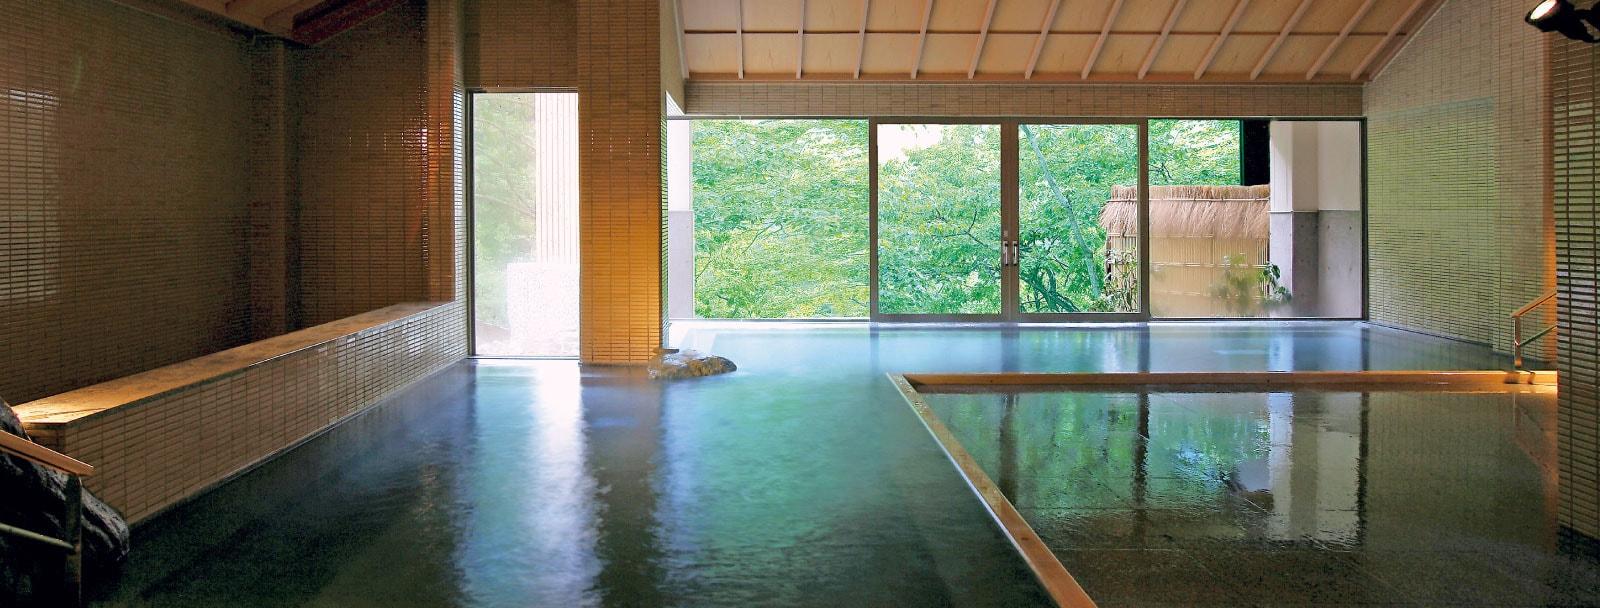 湯量豊富に芦ノ牧温泉広々と解放感溢れる内湯